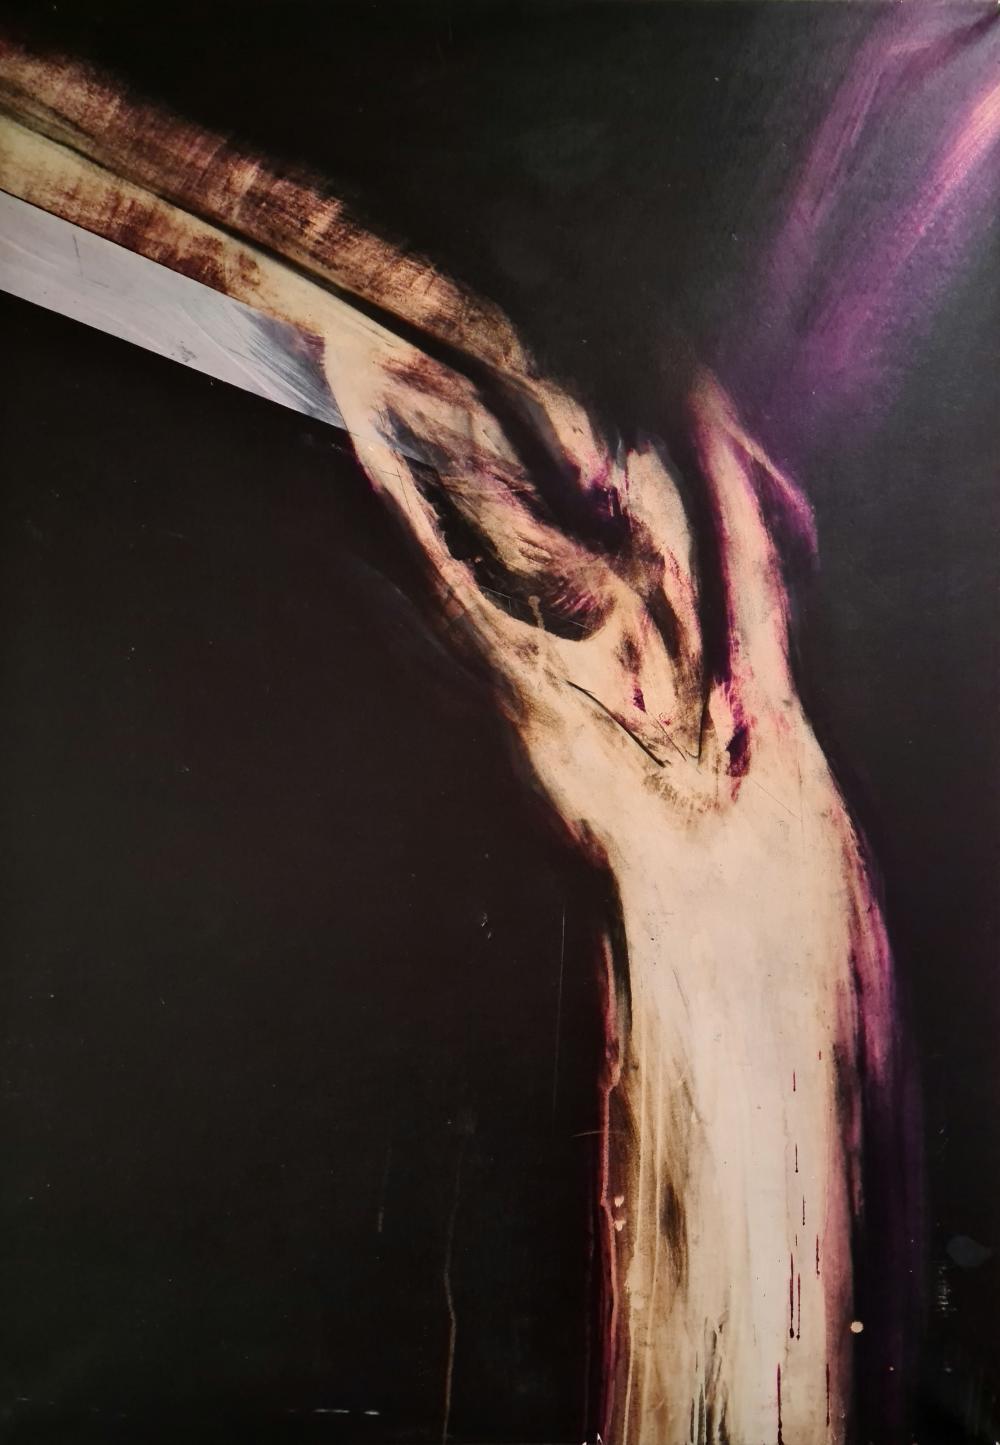 Sesia Giovanni - Senza titolo, 1992